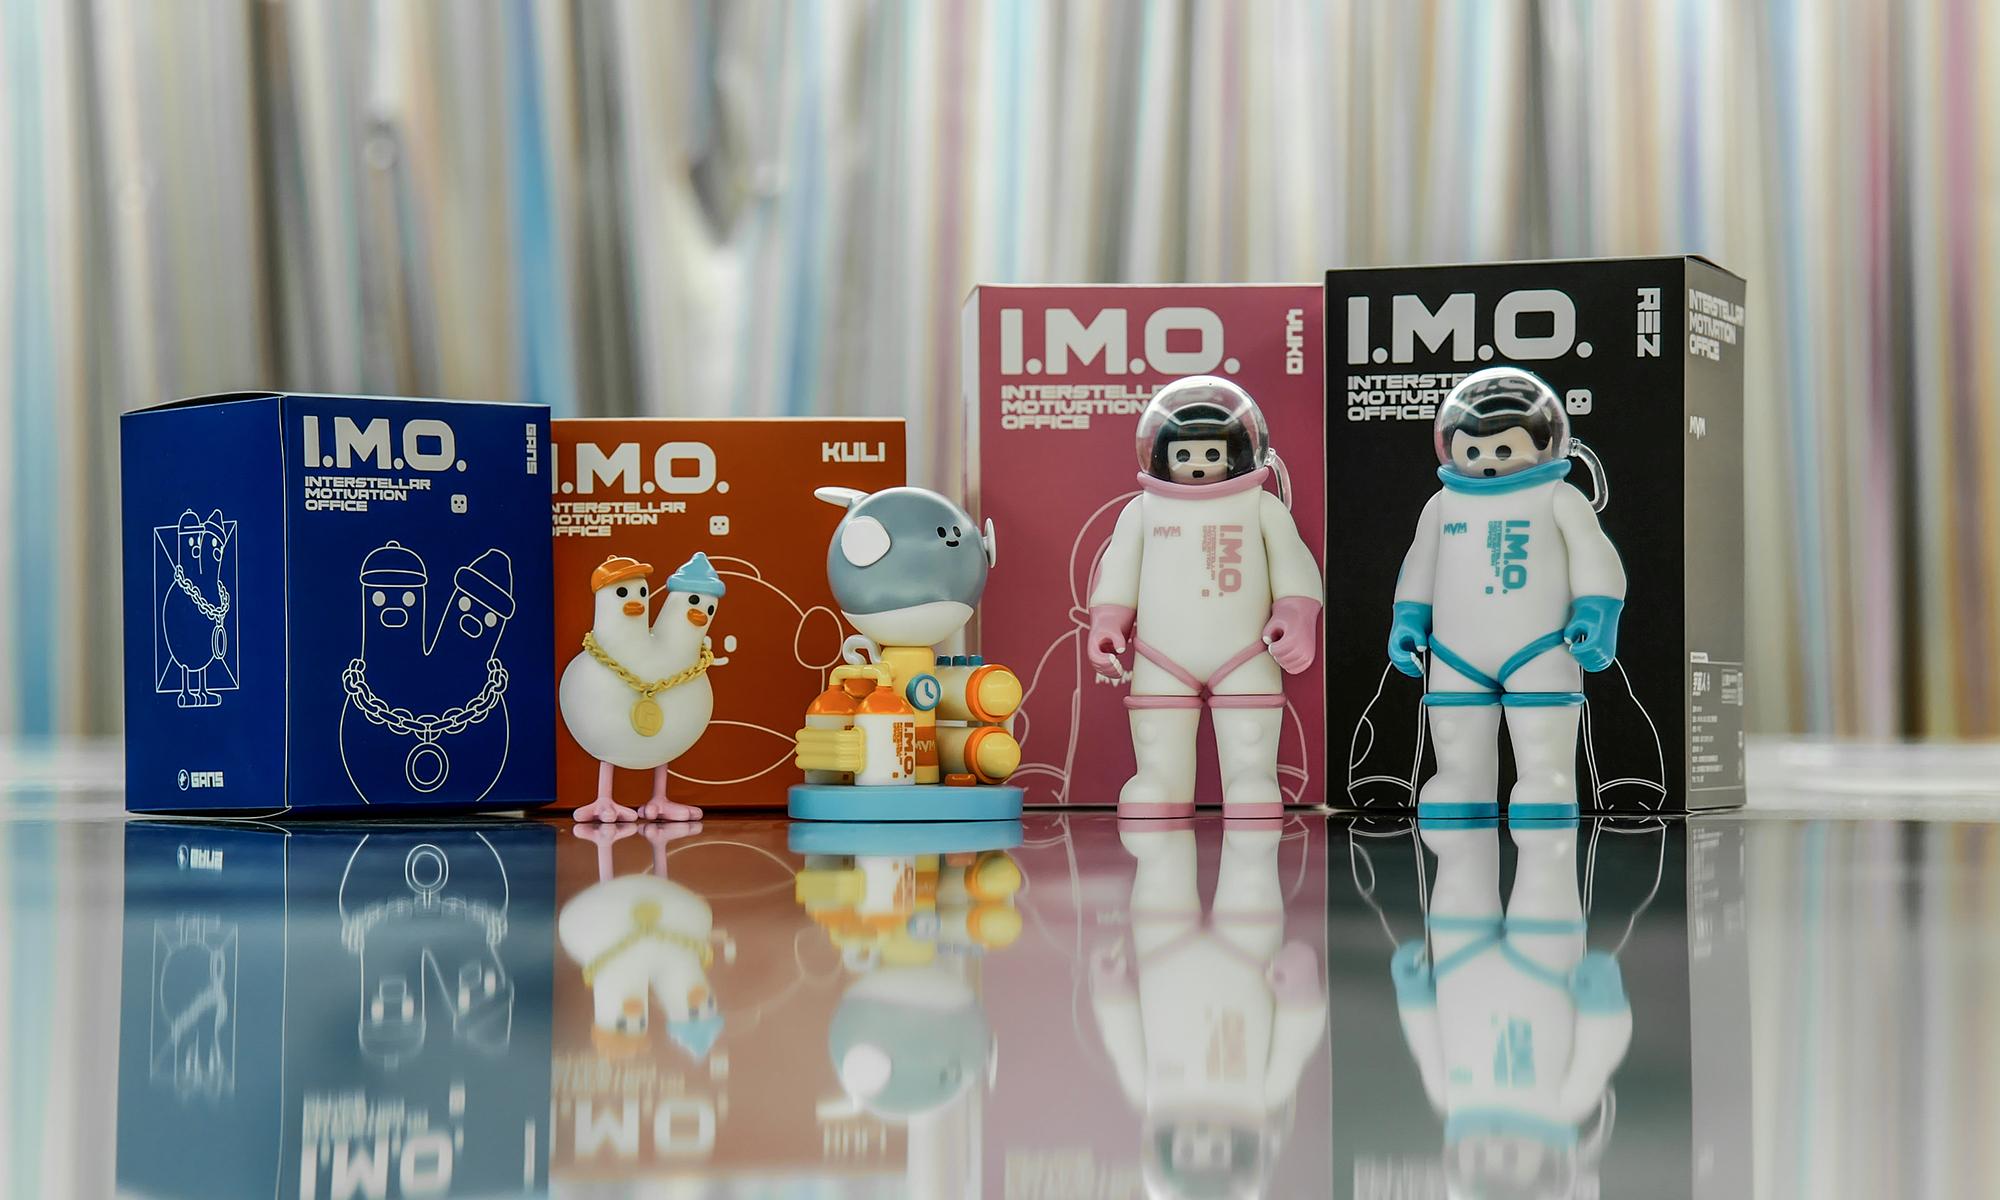 摩登天空 MVM 潮流玩具 I.M.O. 正式发布